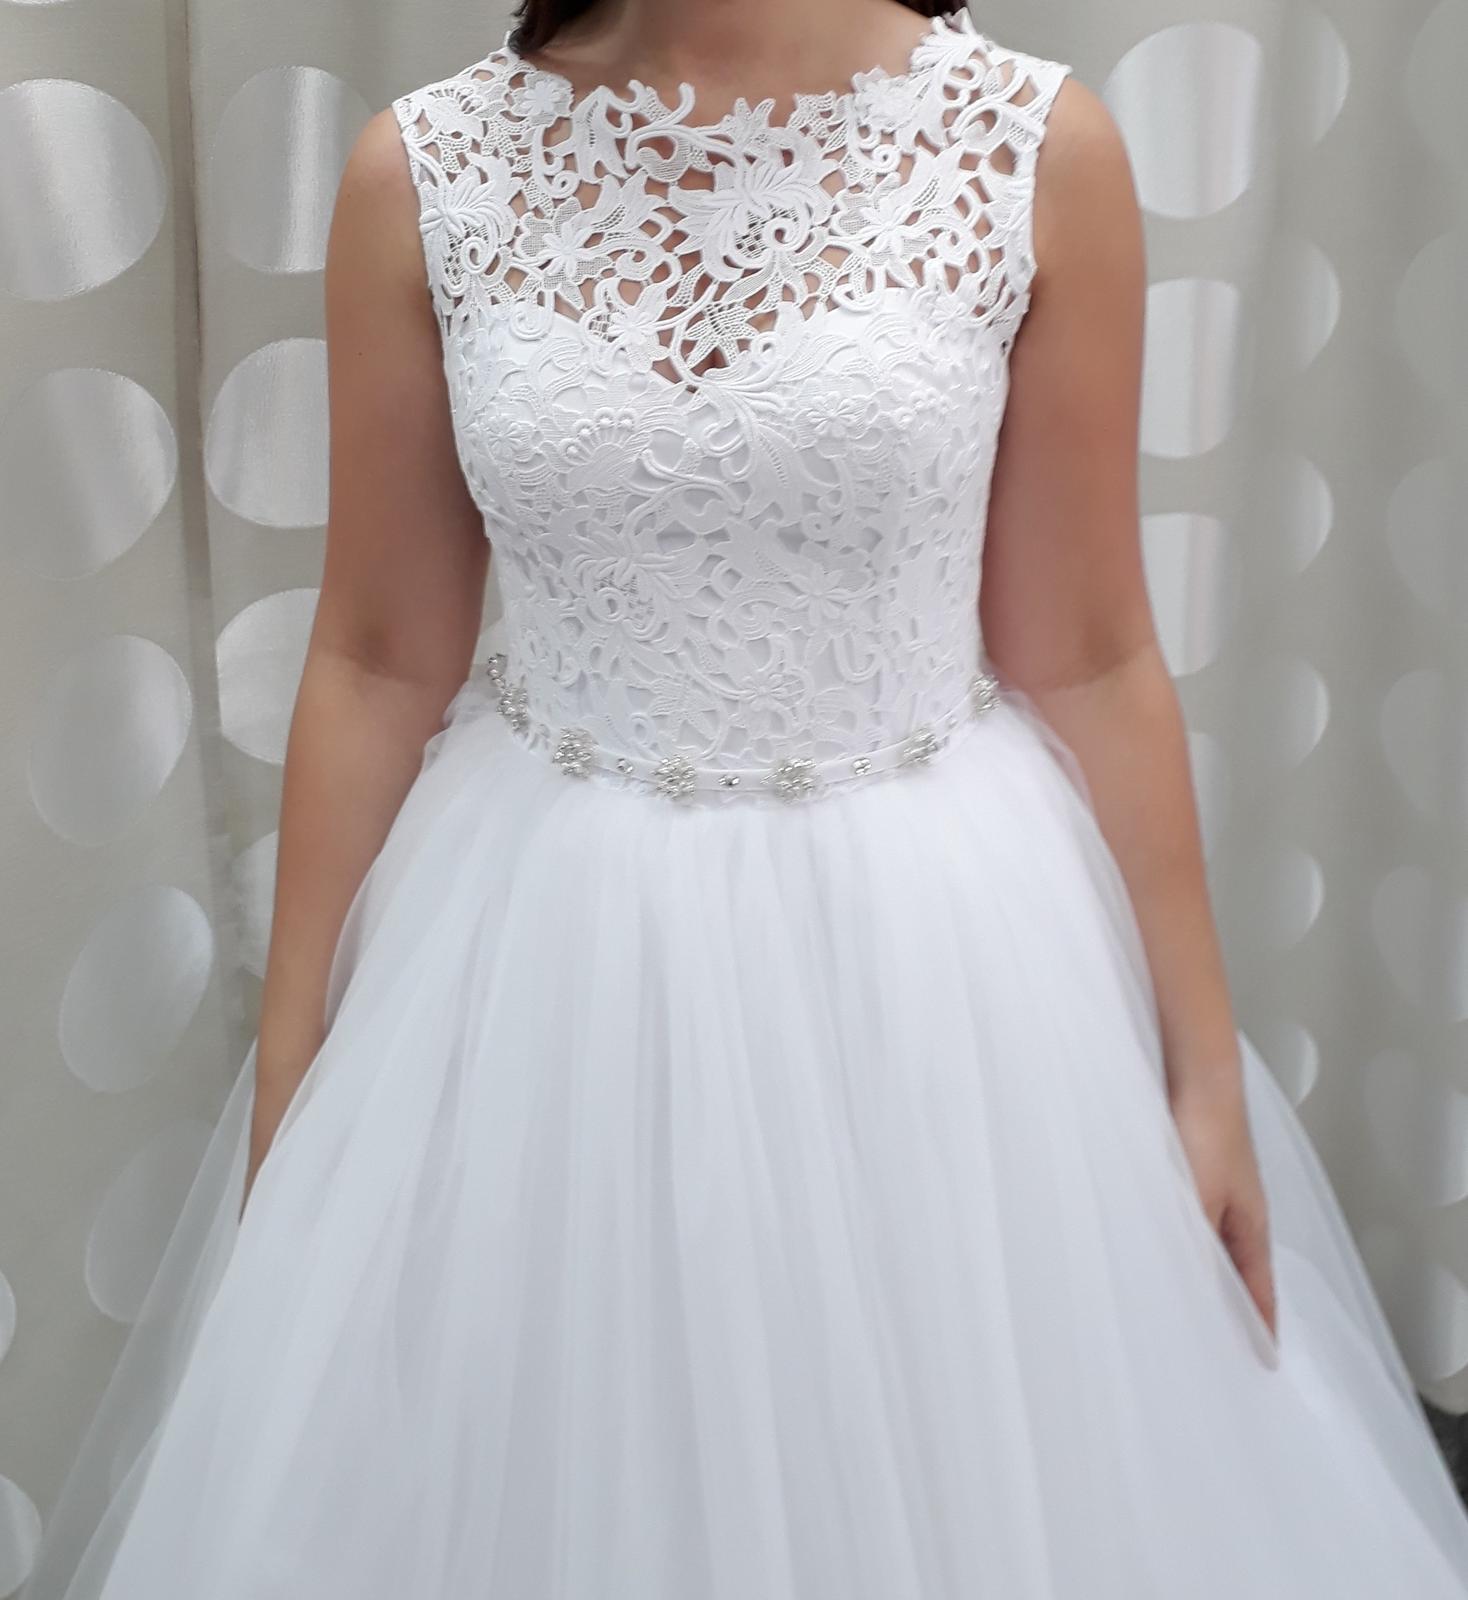 Krajkové svatební šaty, bílé, vel. 36-38 - Obrázek č. 2